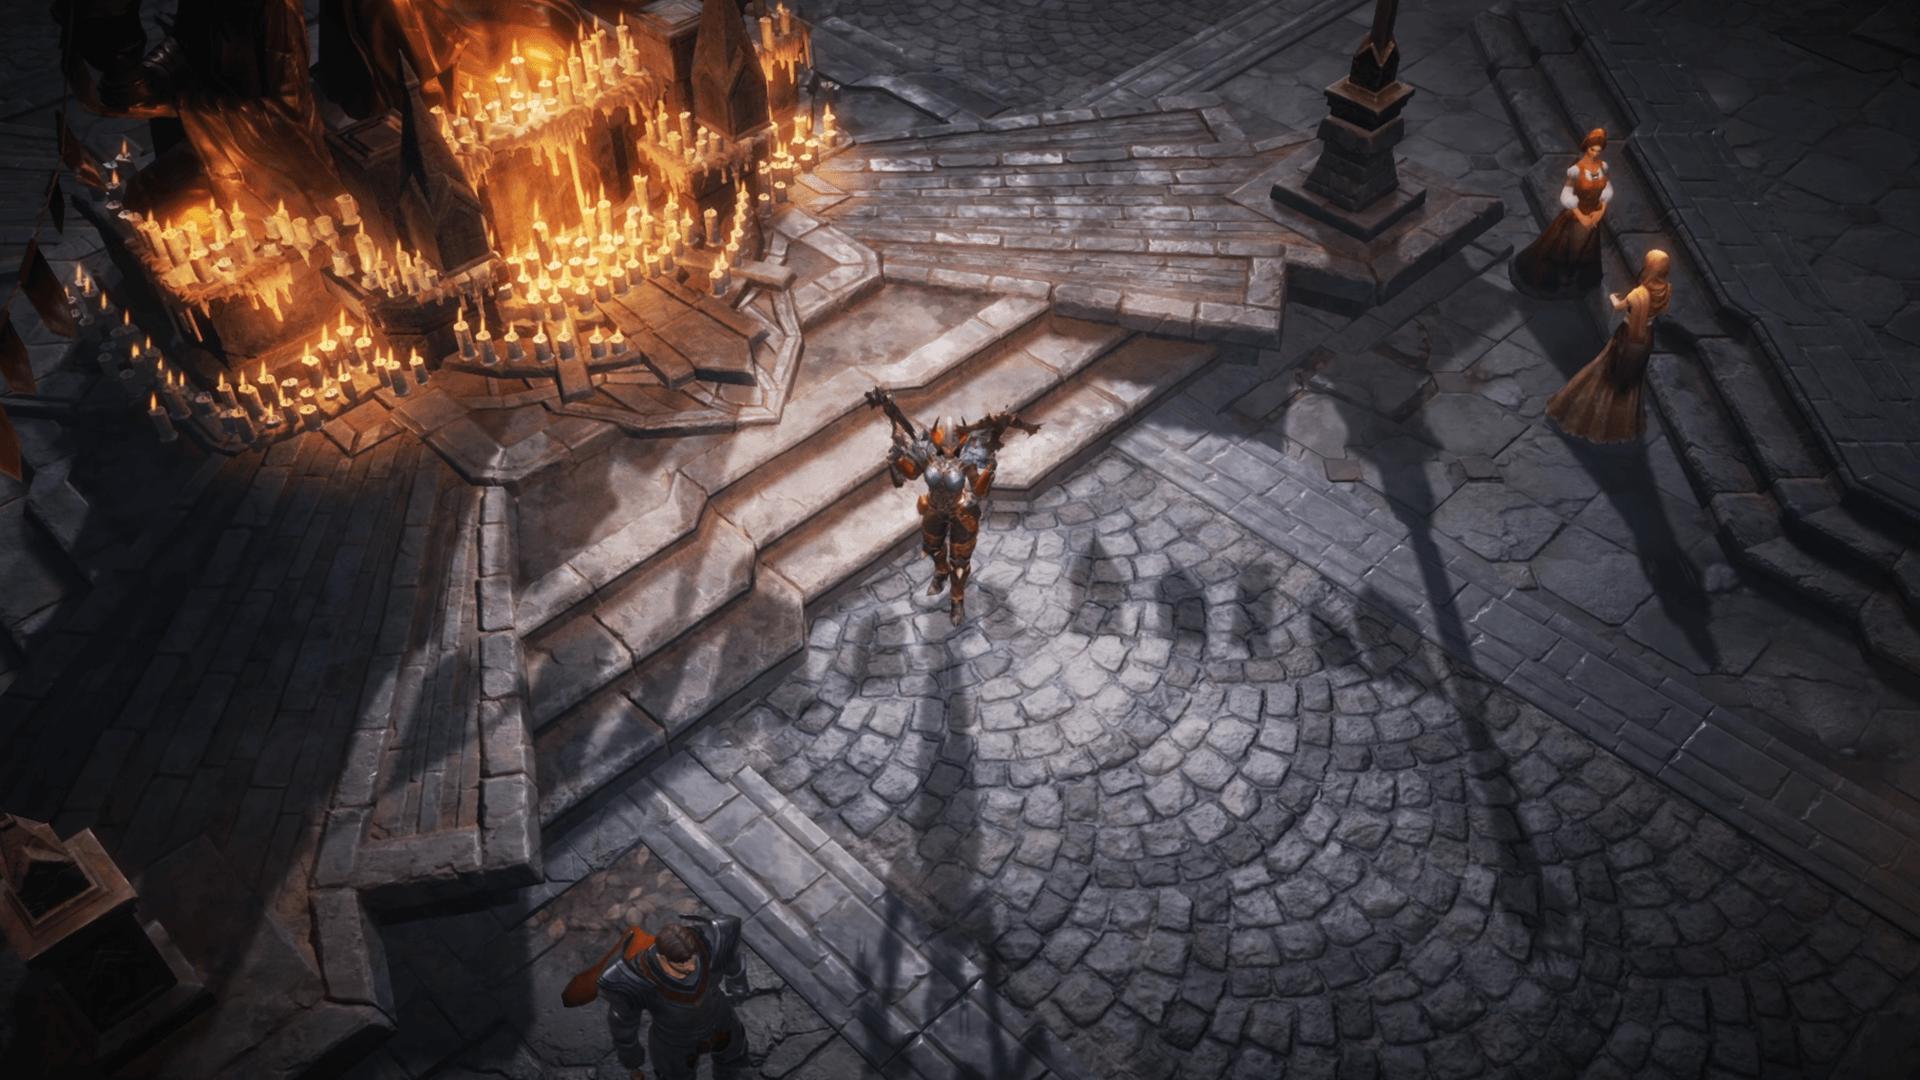 即将内部封测!《暗黑破坏神》手游给玩家的一封信